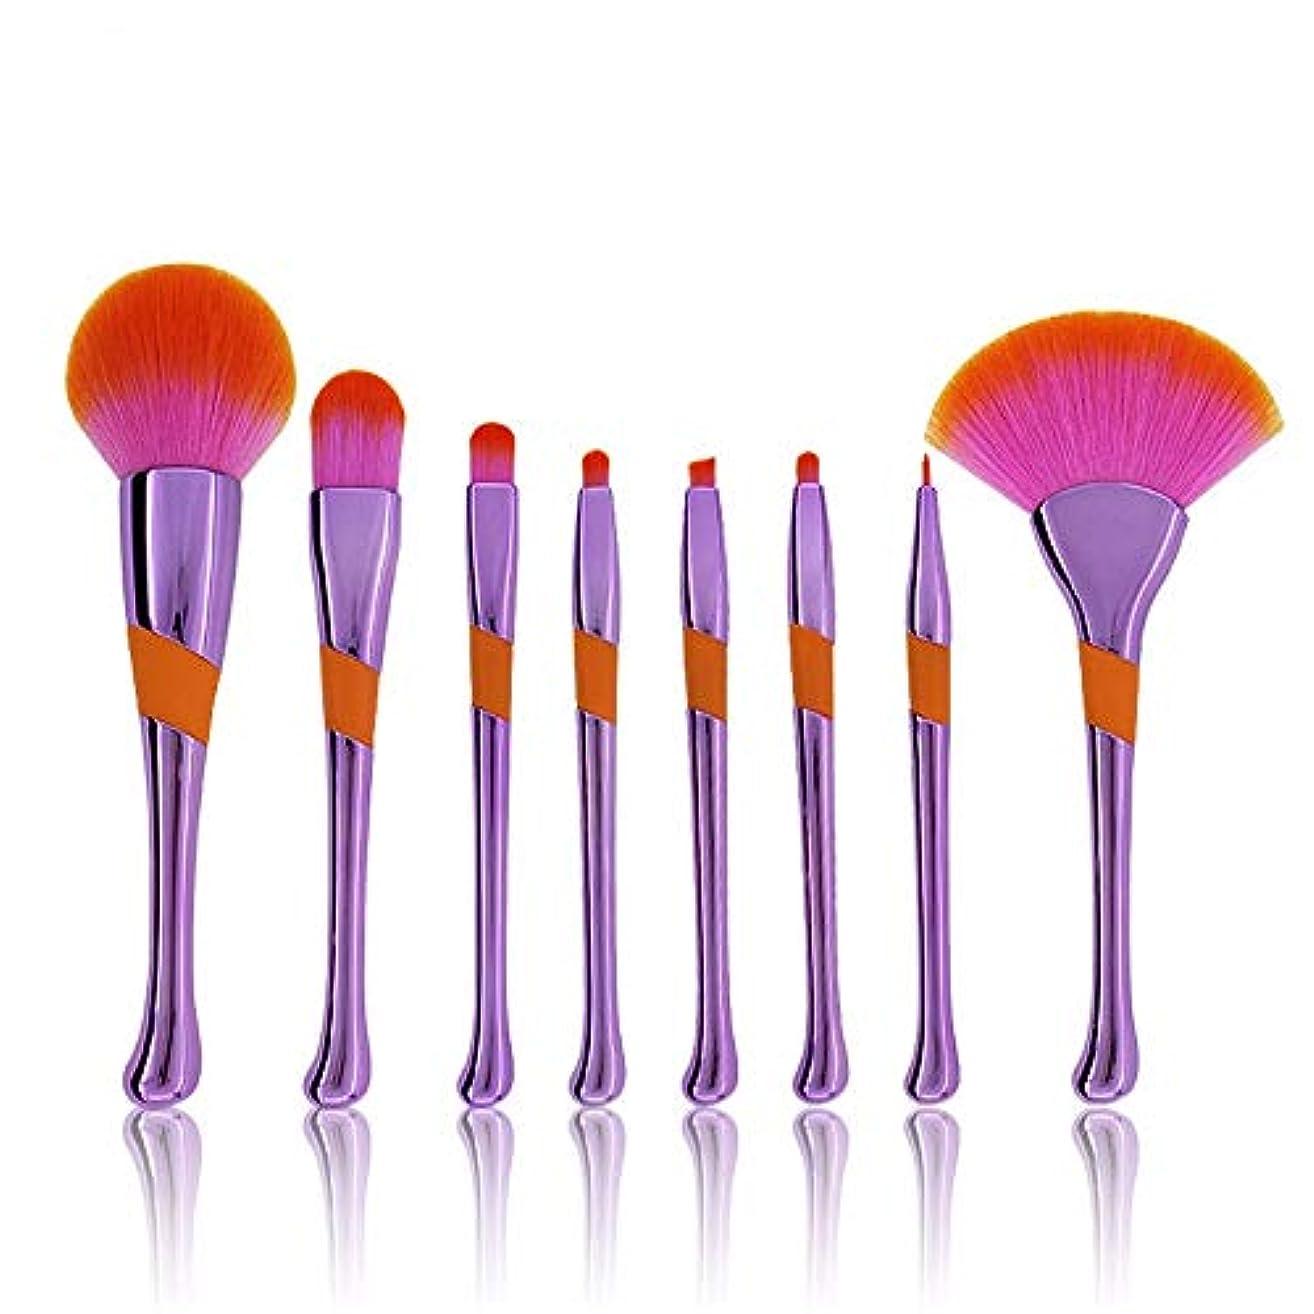 さておきジェット消費するMakeup brushes 8ピースセットガールハートメイクブラシフリーパウダーブラシアイシャドウブラシブラッシュブラシ suits (Color : Purple)